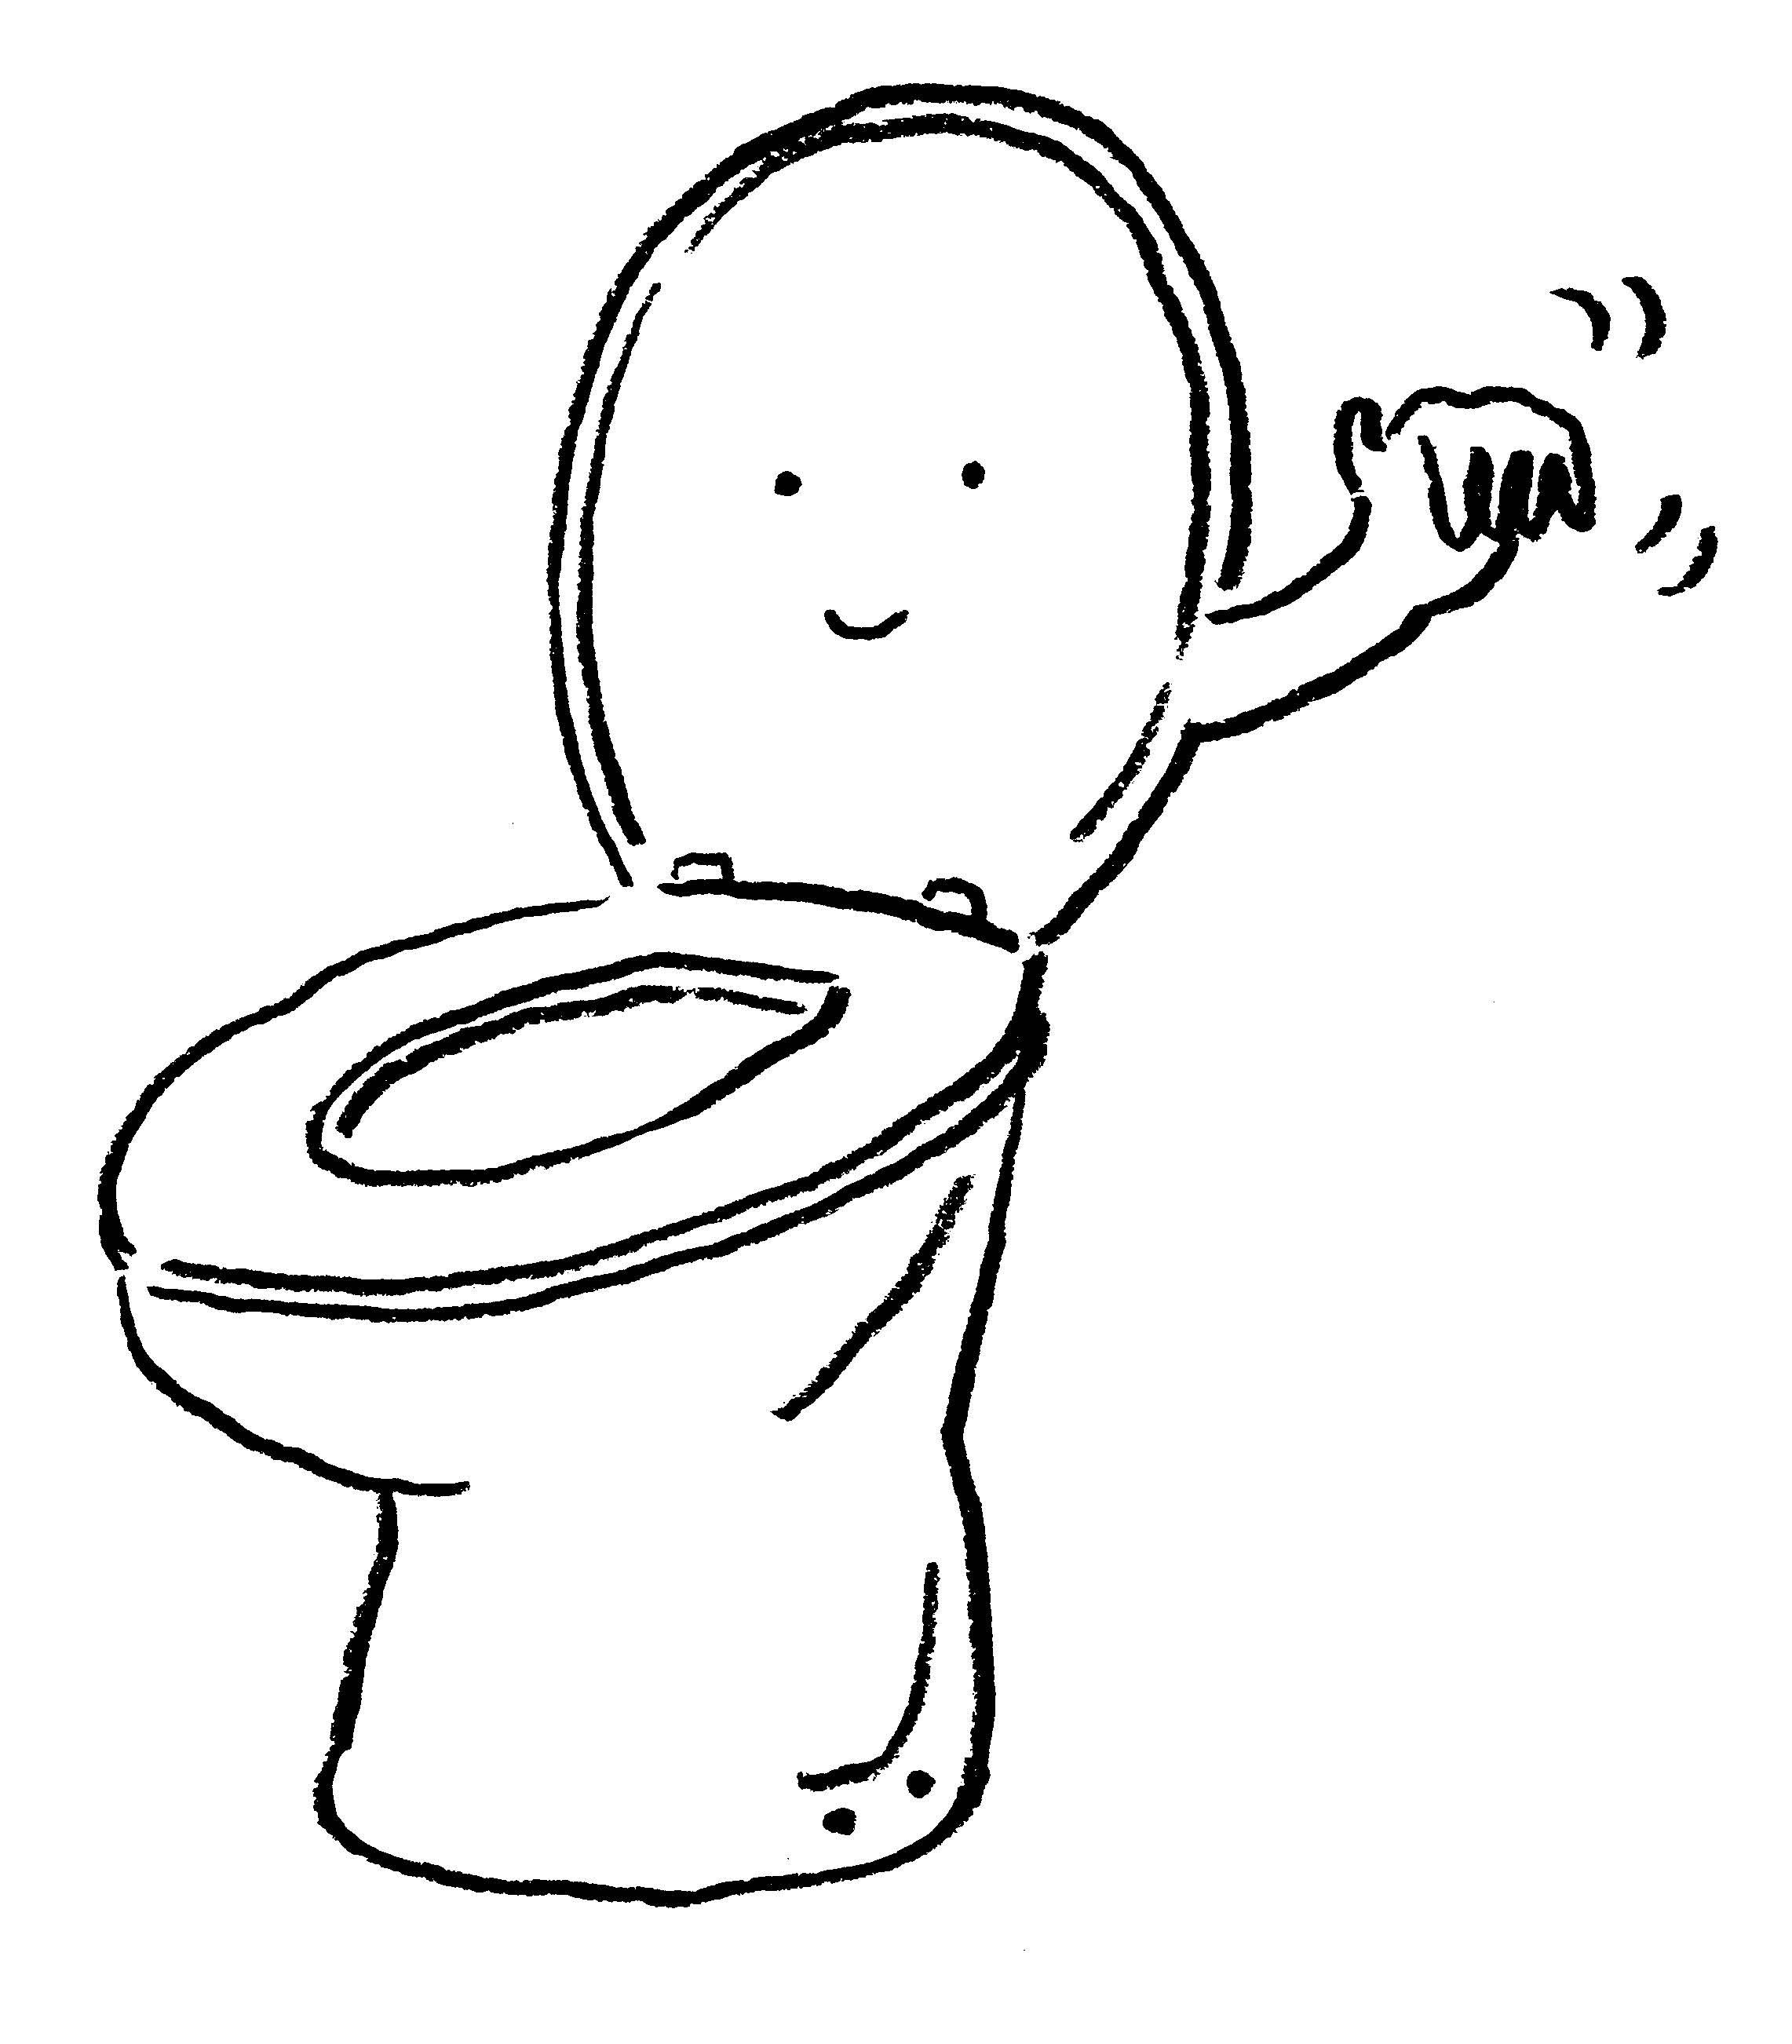 ストレス溜め込んでませんか?頑張り過ぎる人に伝えたい「トイレの思考」